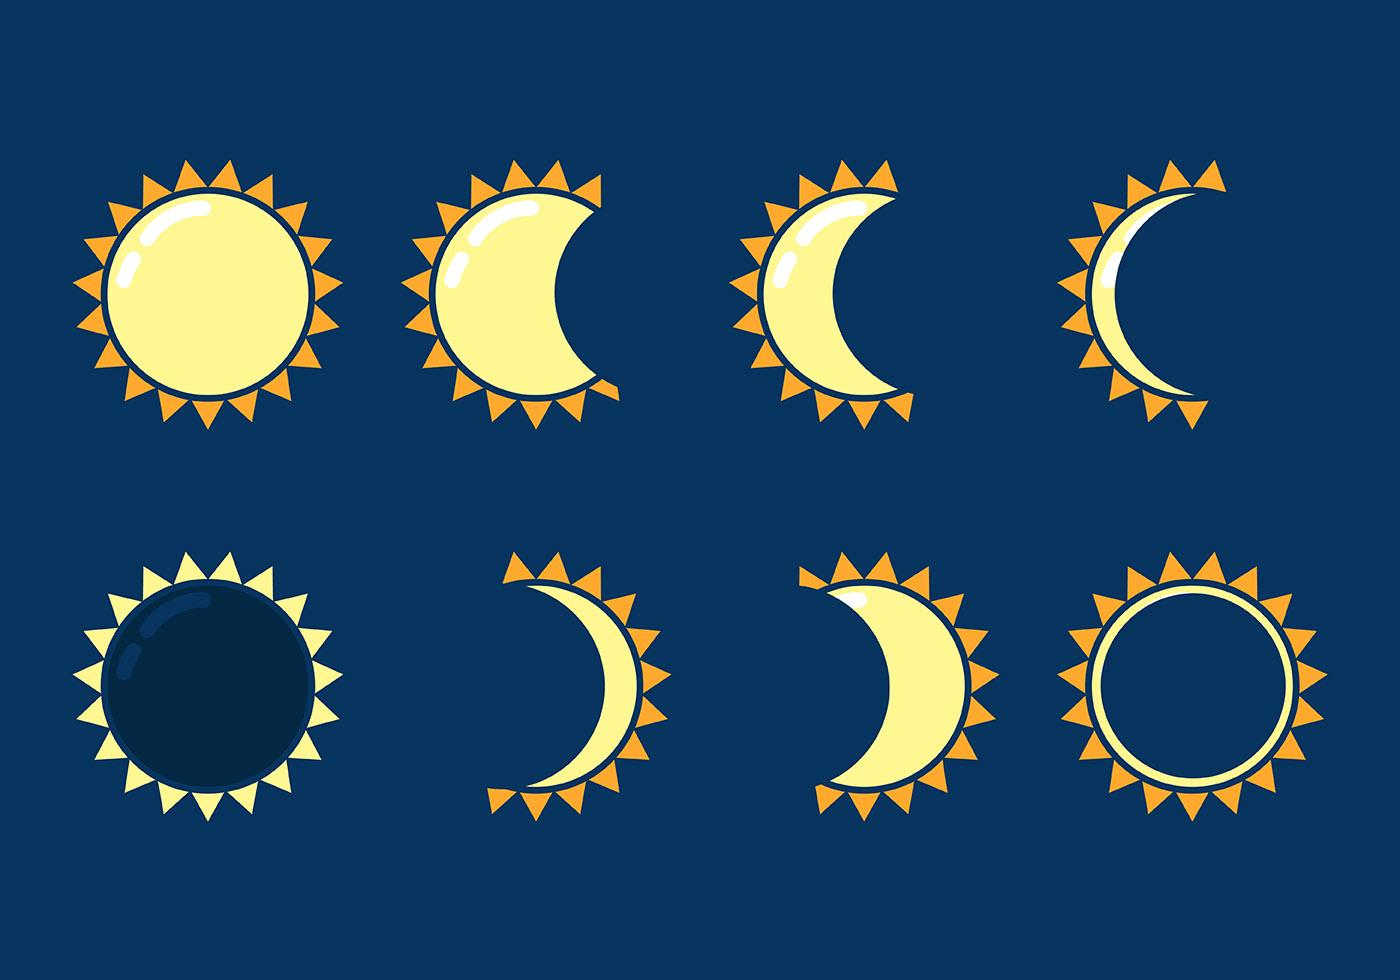 太陽 icon 免費下載   天天瘋後製